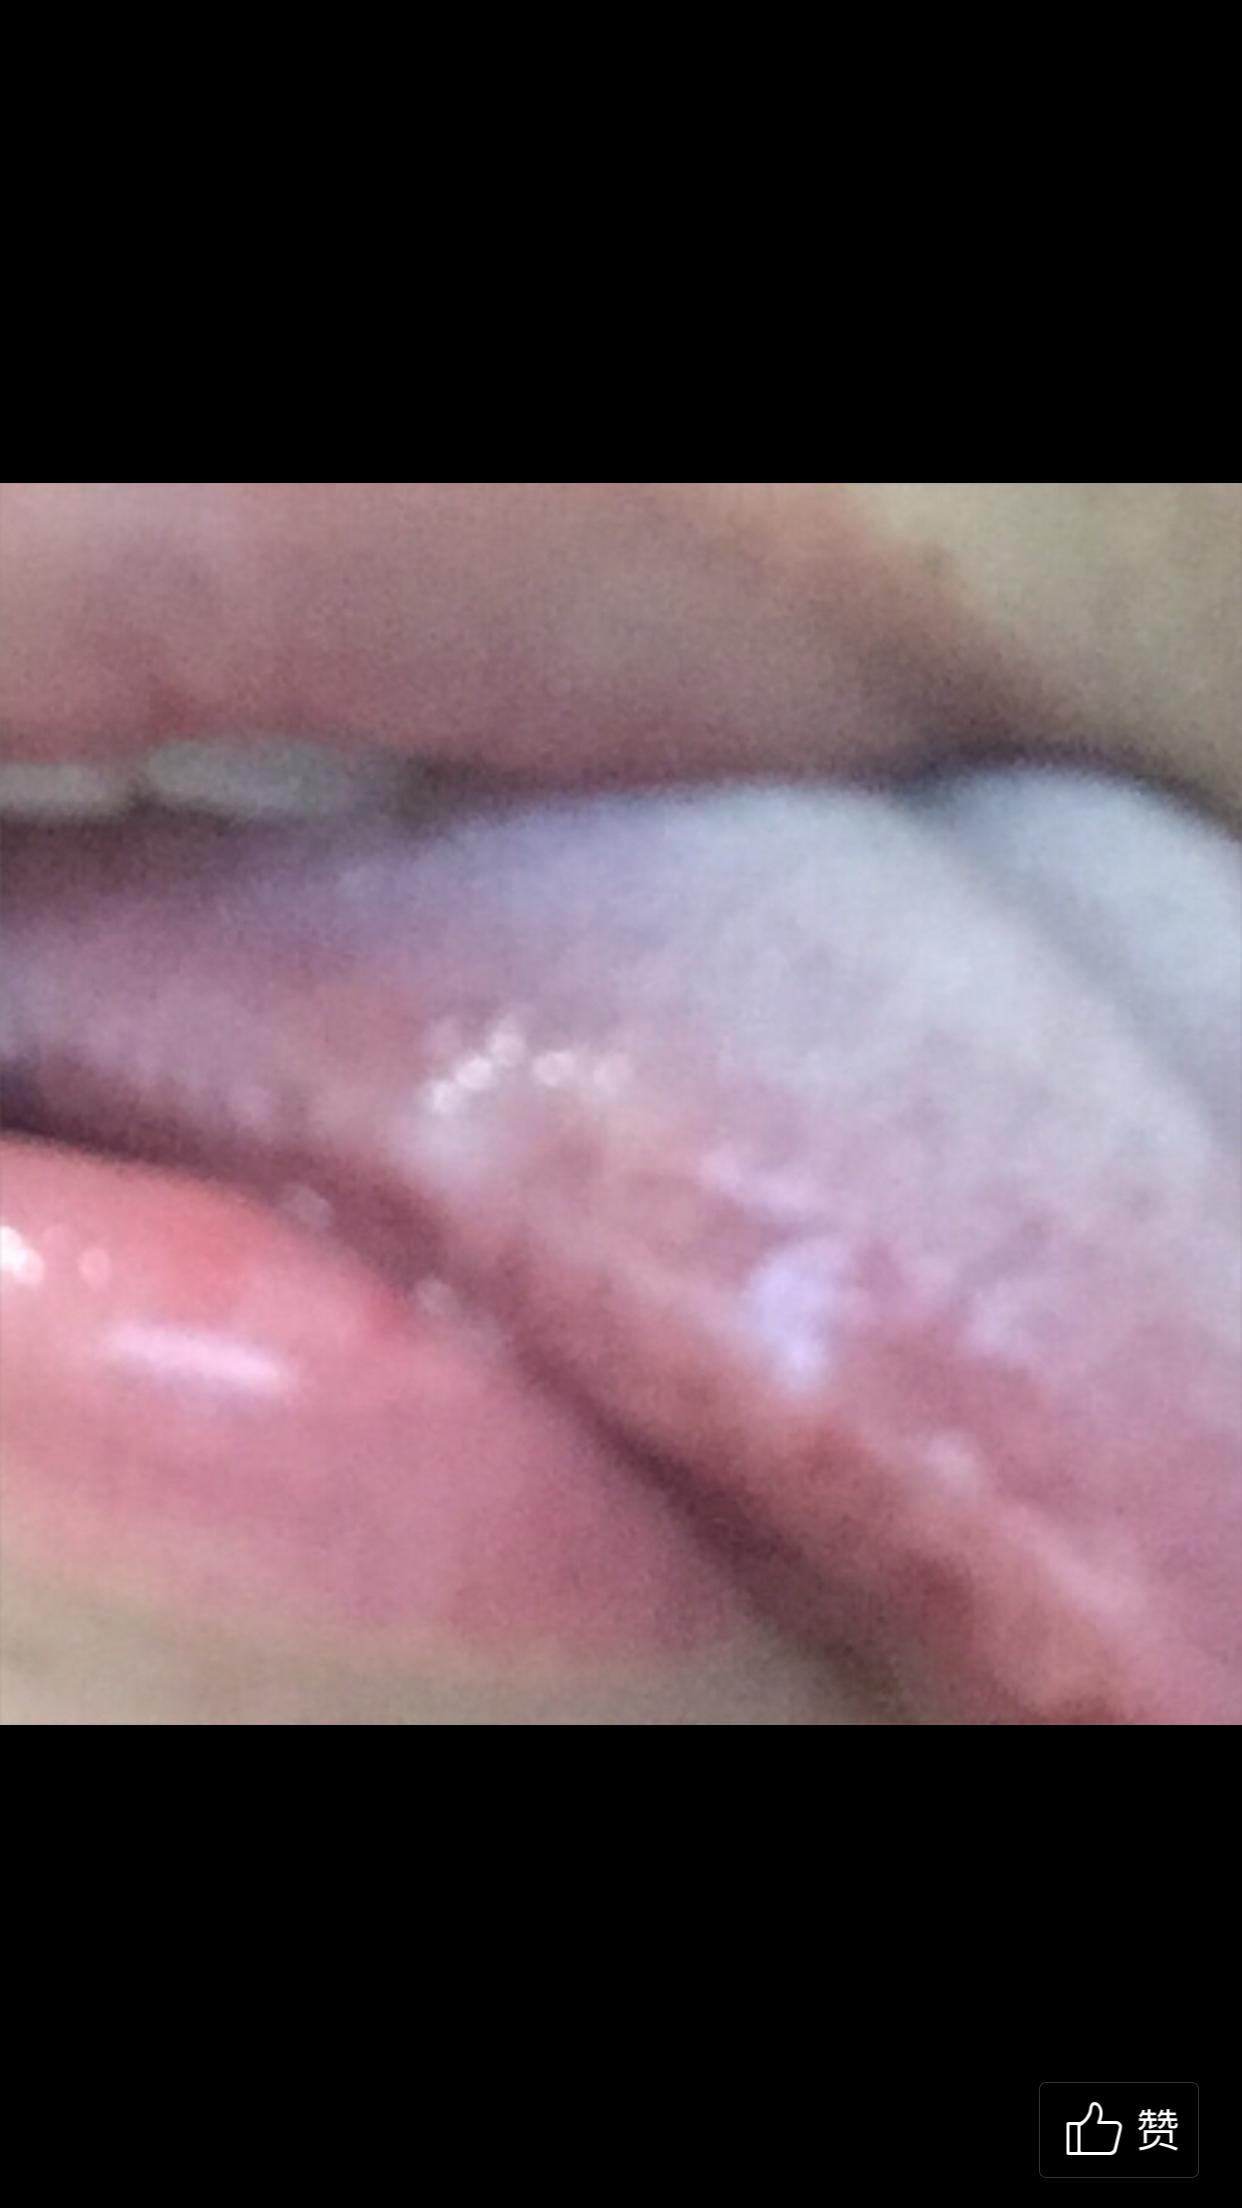 白色念珠菌感染